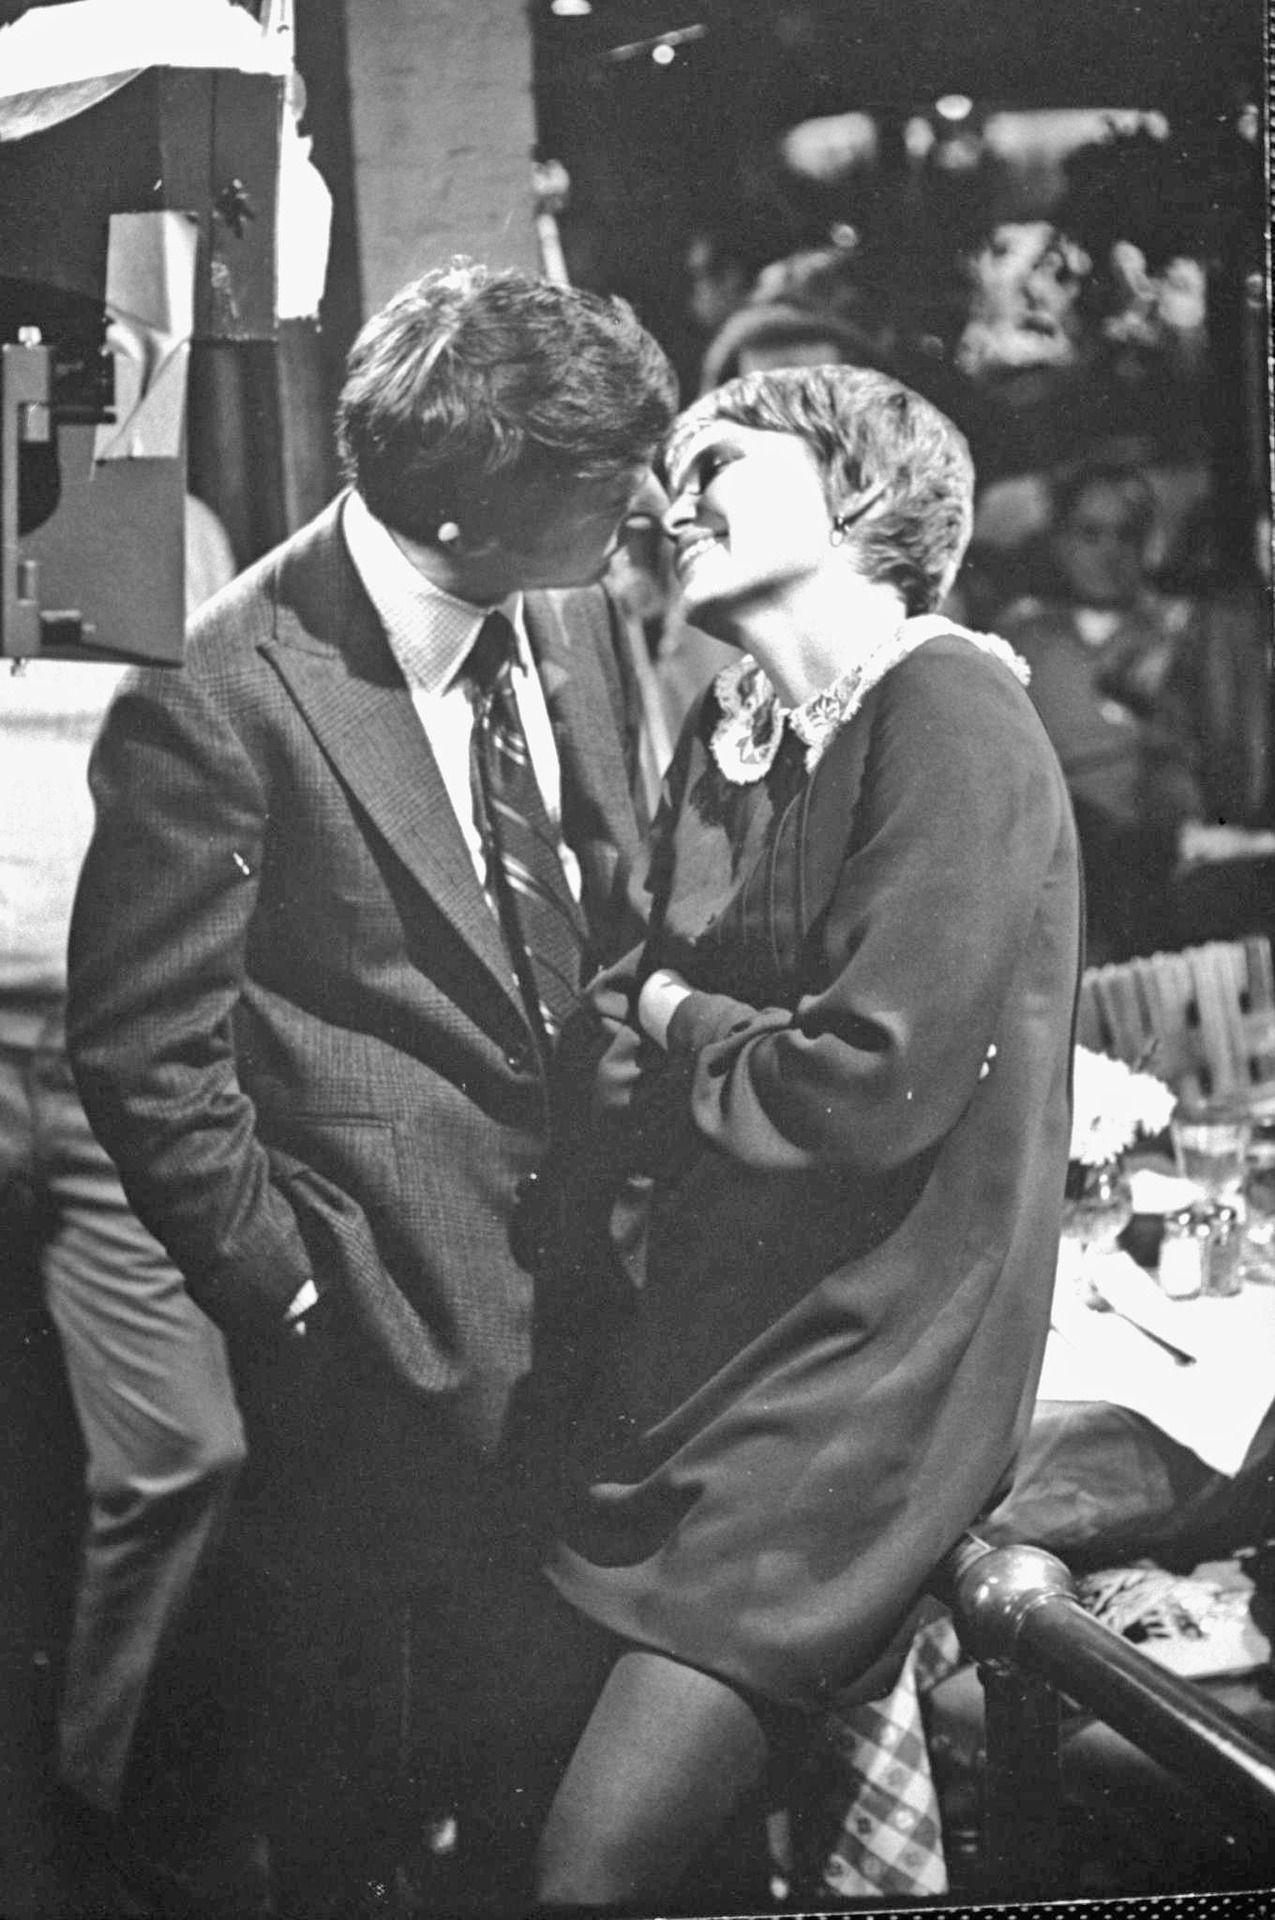 John and Mary - Dustin Hoffman and Mia Farrow